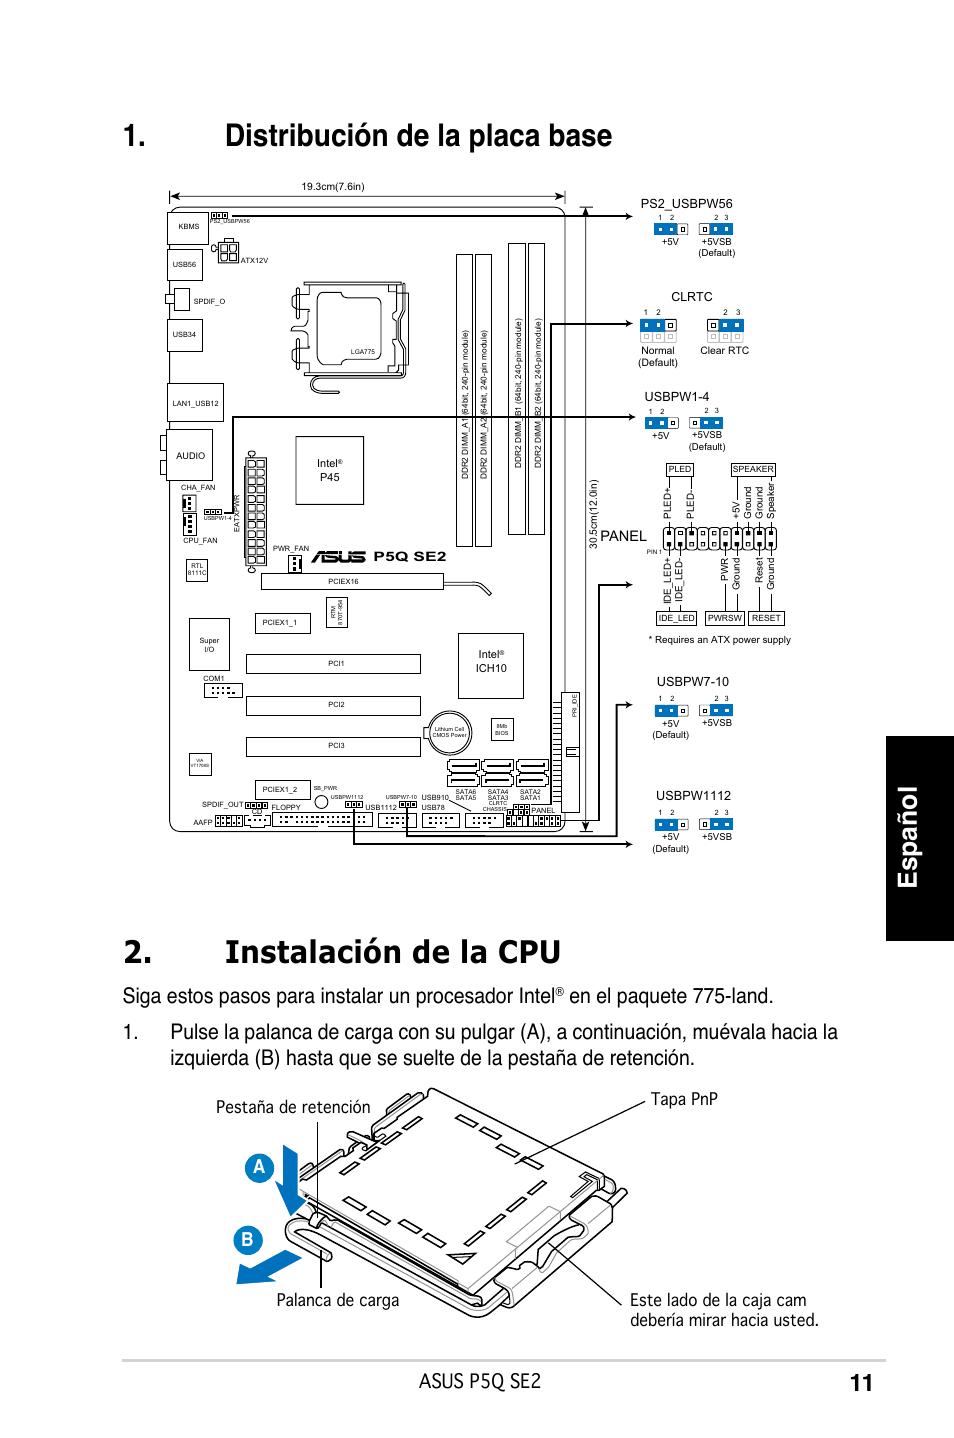 Español, Siga estos pasos para instalar un procesador